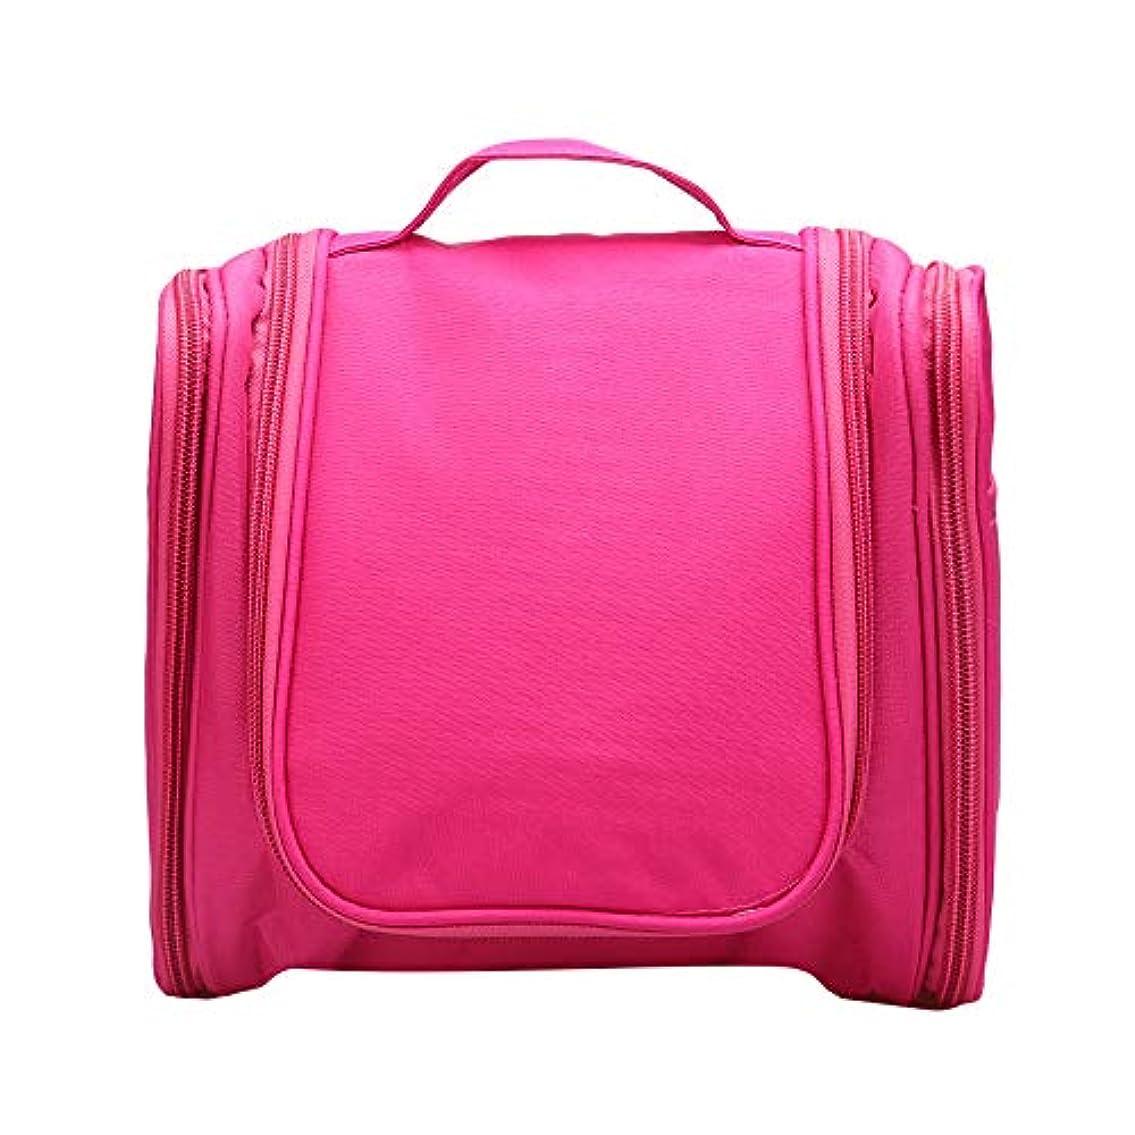 うなずく関係する合意Magarrow 化粧ポーチ トラベルポーチ コスメポーチ 収納ポーチ バッグ 旅行用 収納ケース